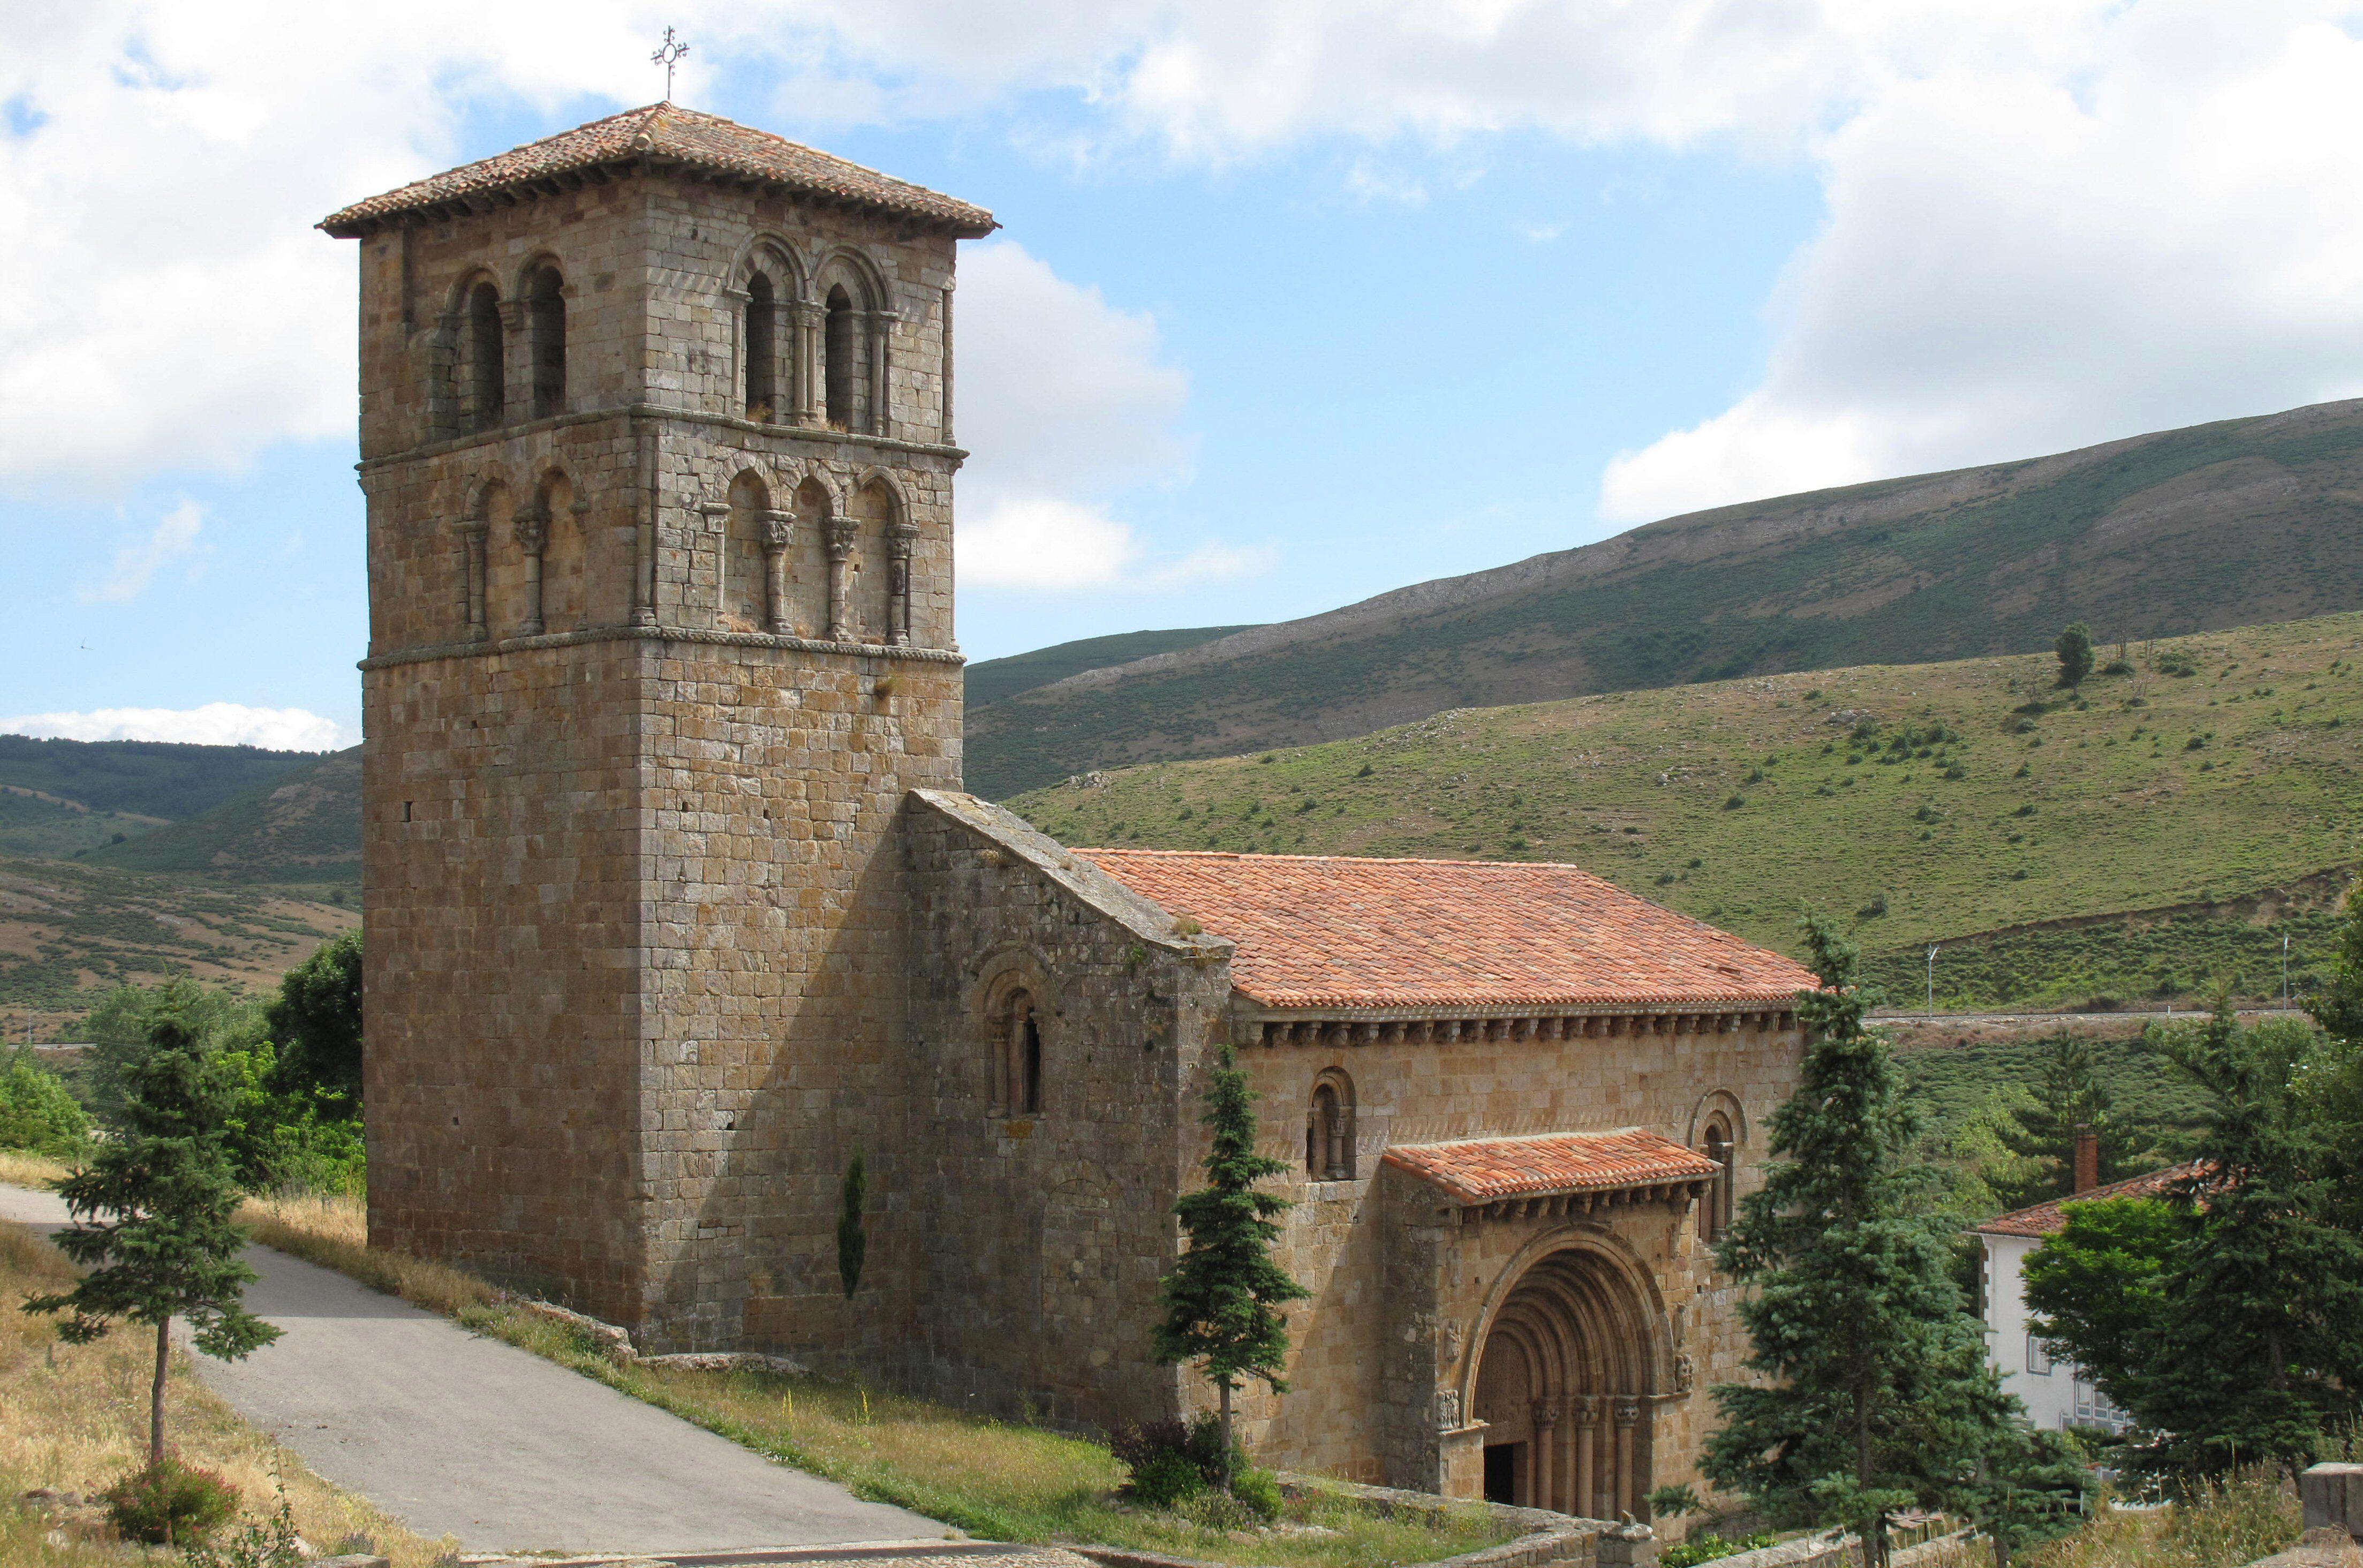 Romanesque Collegiate Church of St Peter in Cervatos, Cantabria, Spain